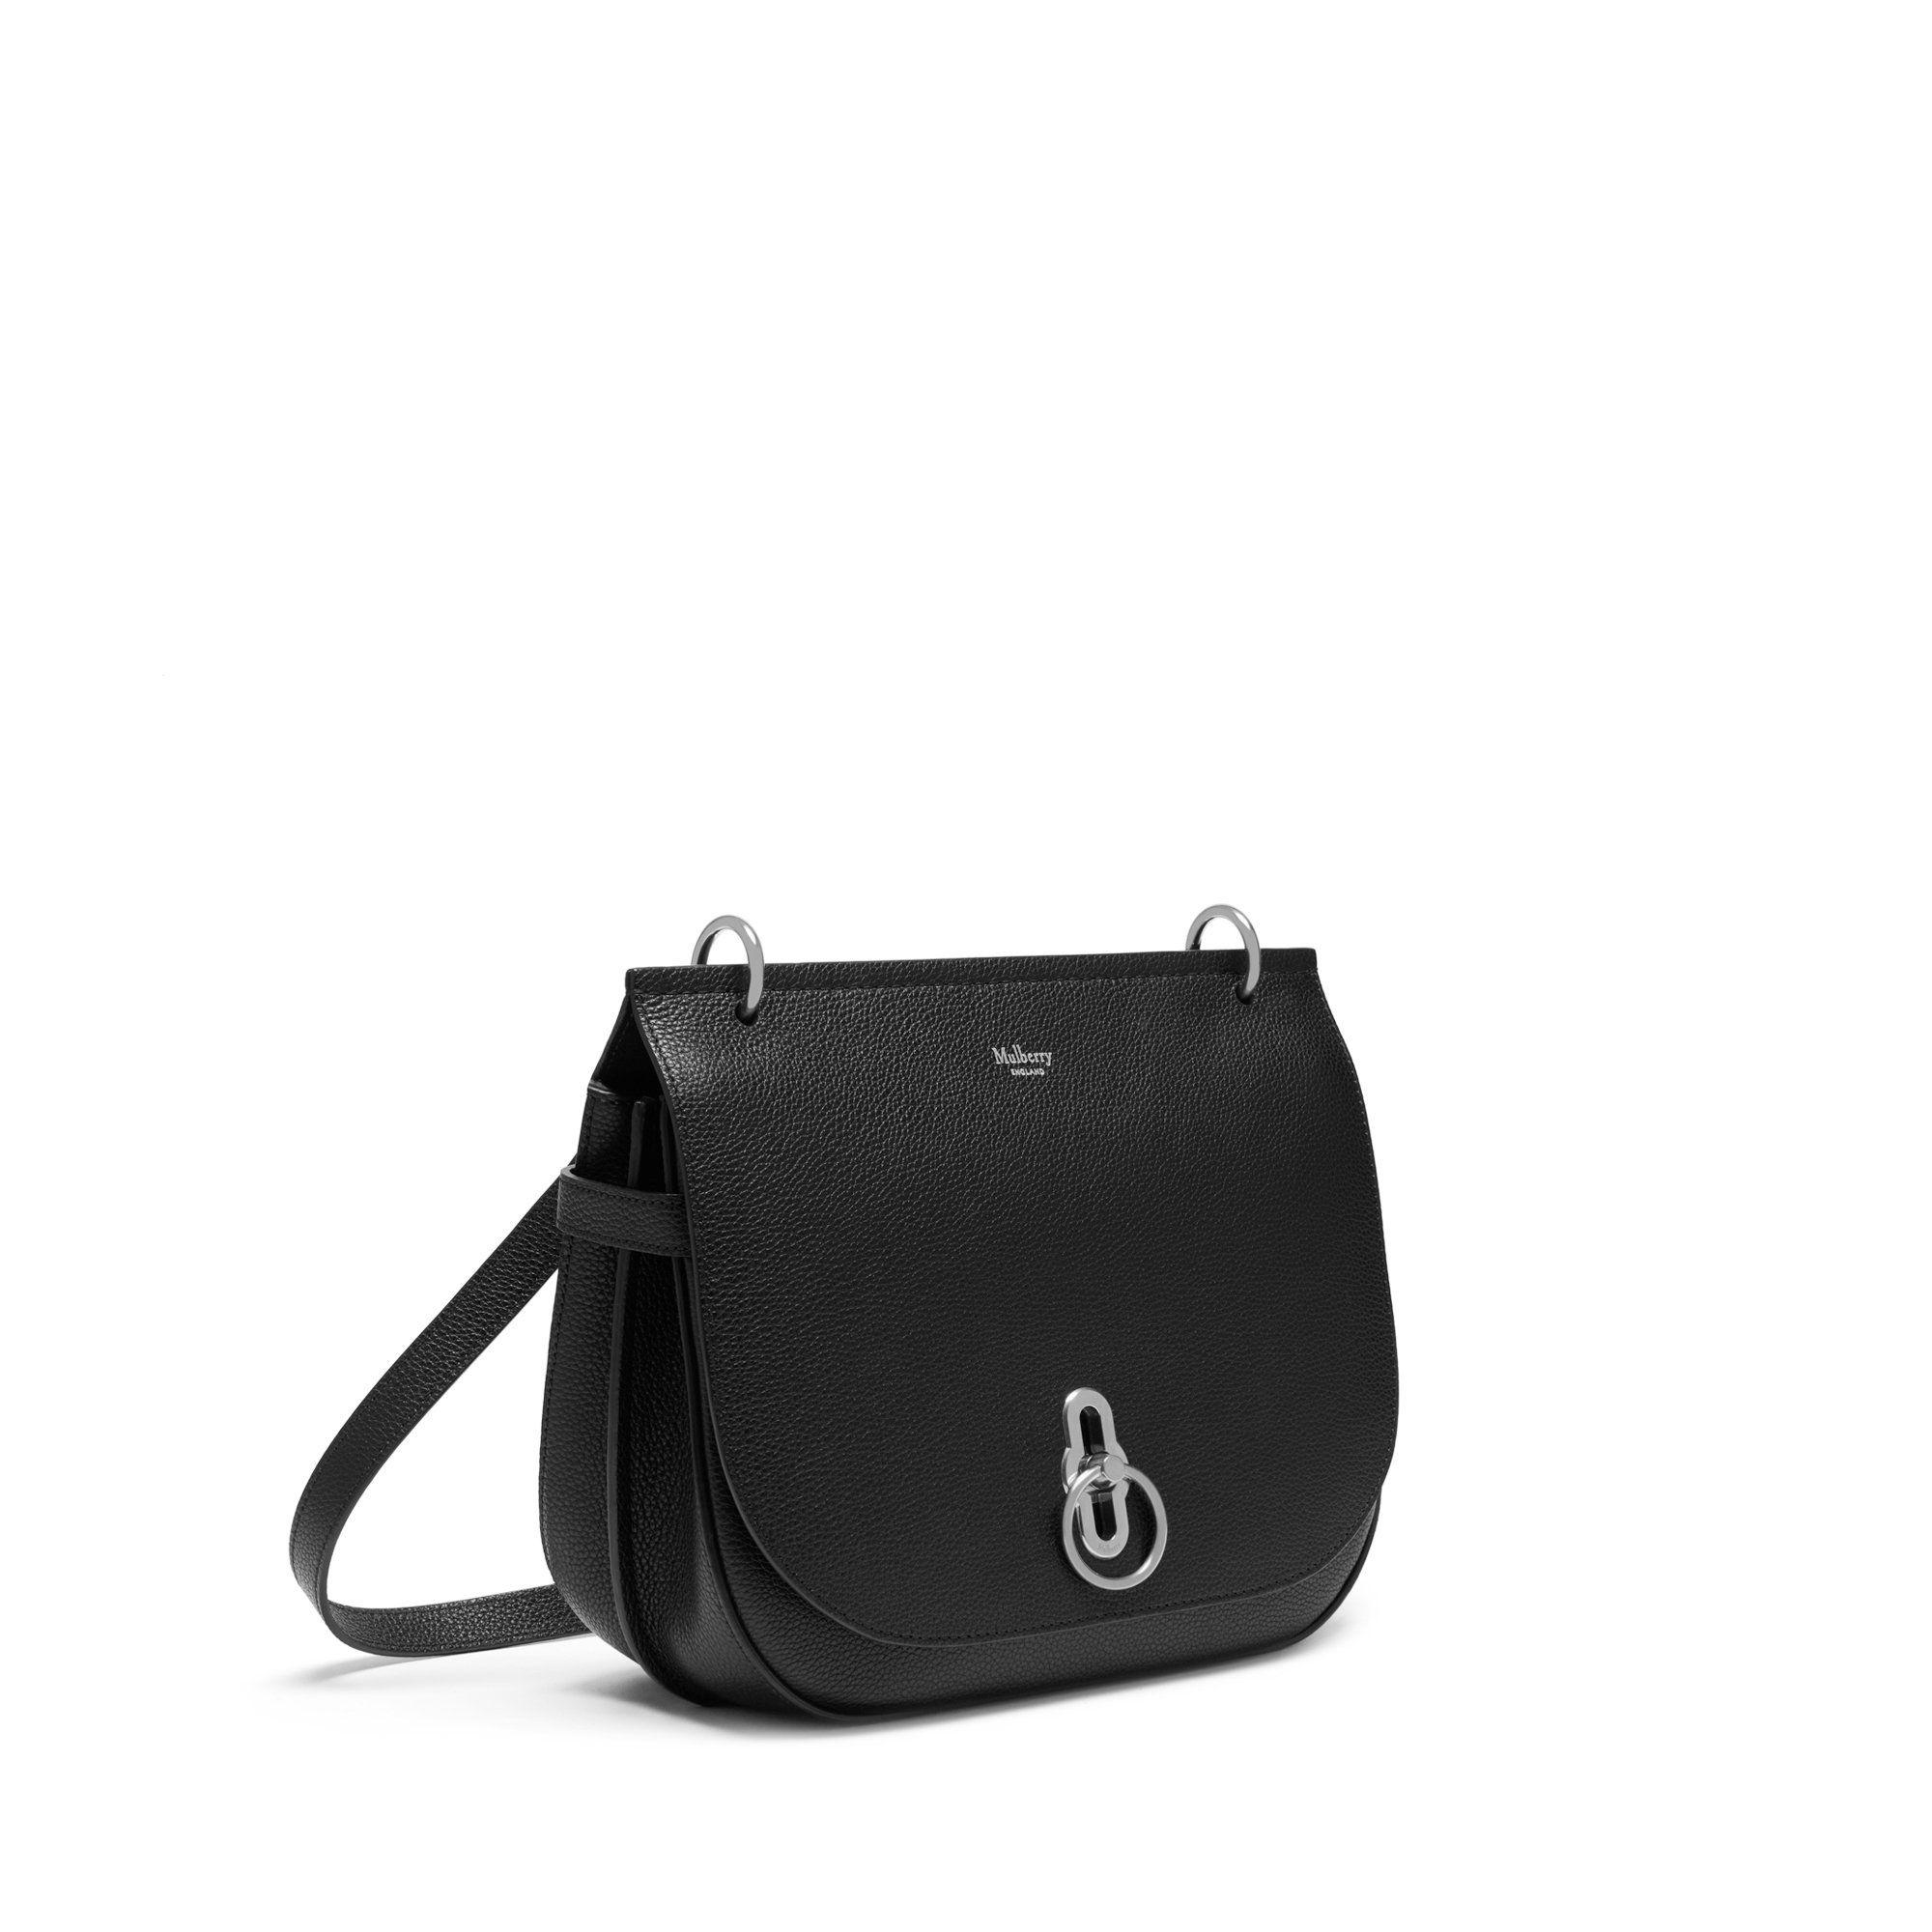 9e800152b68 Women's Bags | Women | Mulberry